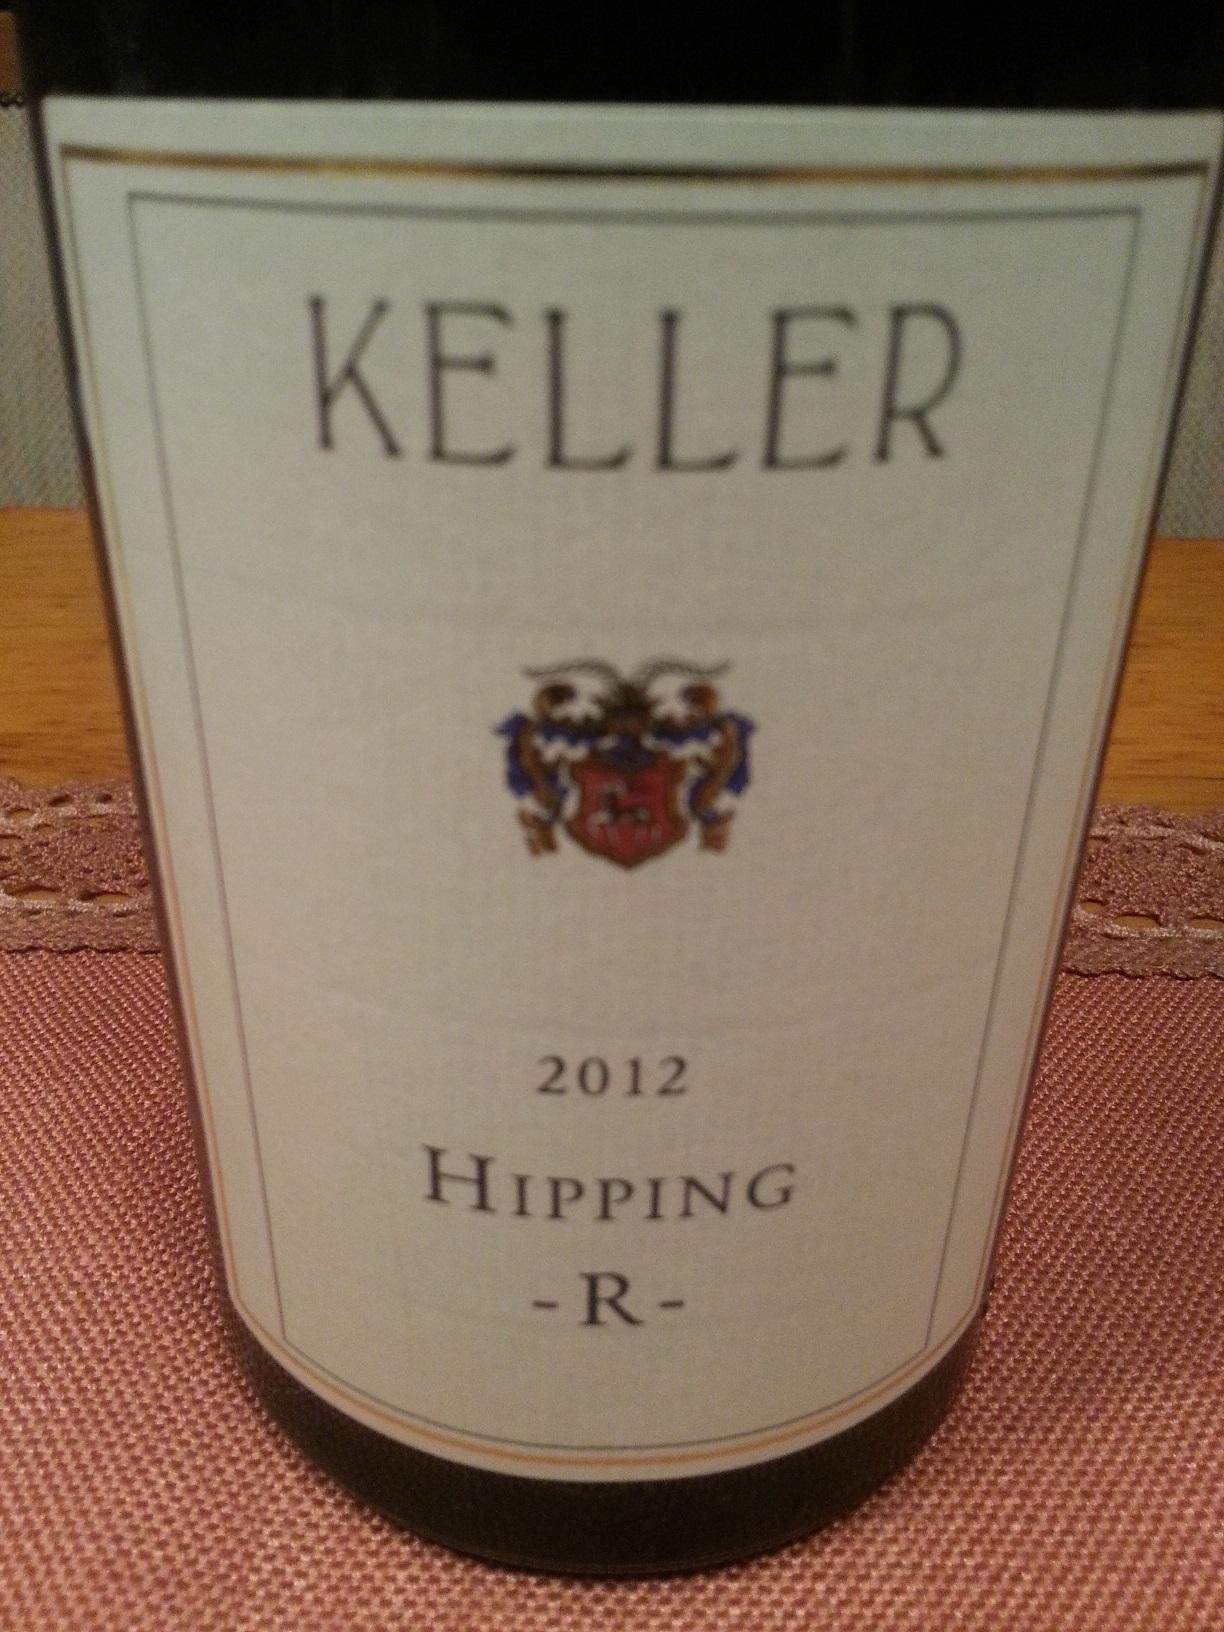 2012 Riesling Hipping R | Keller